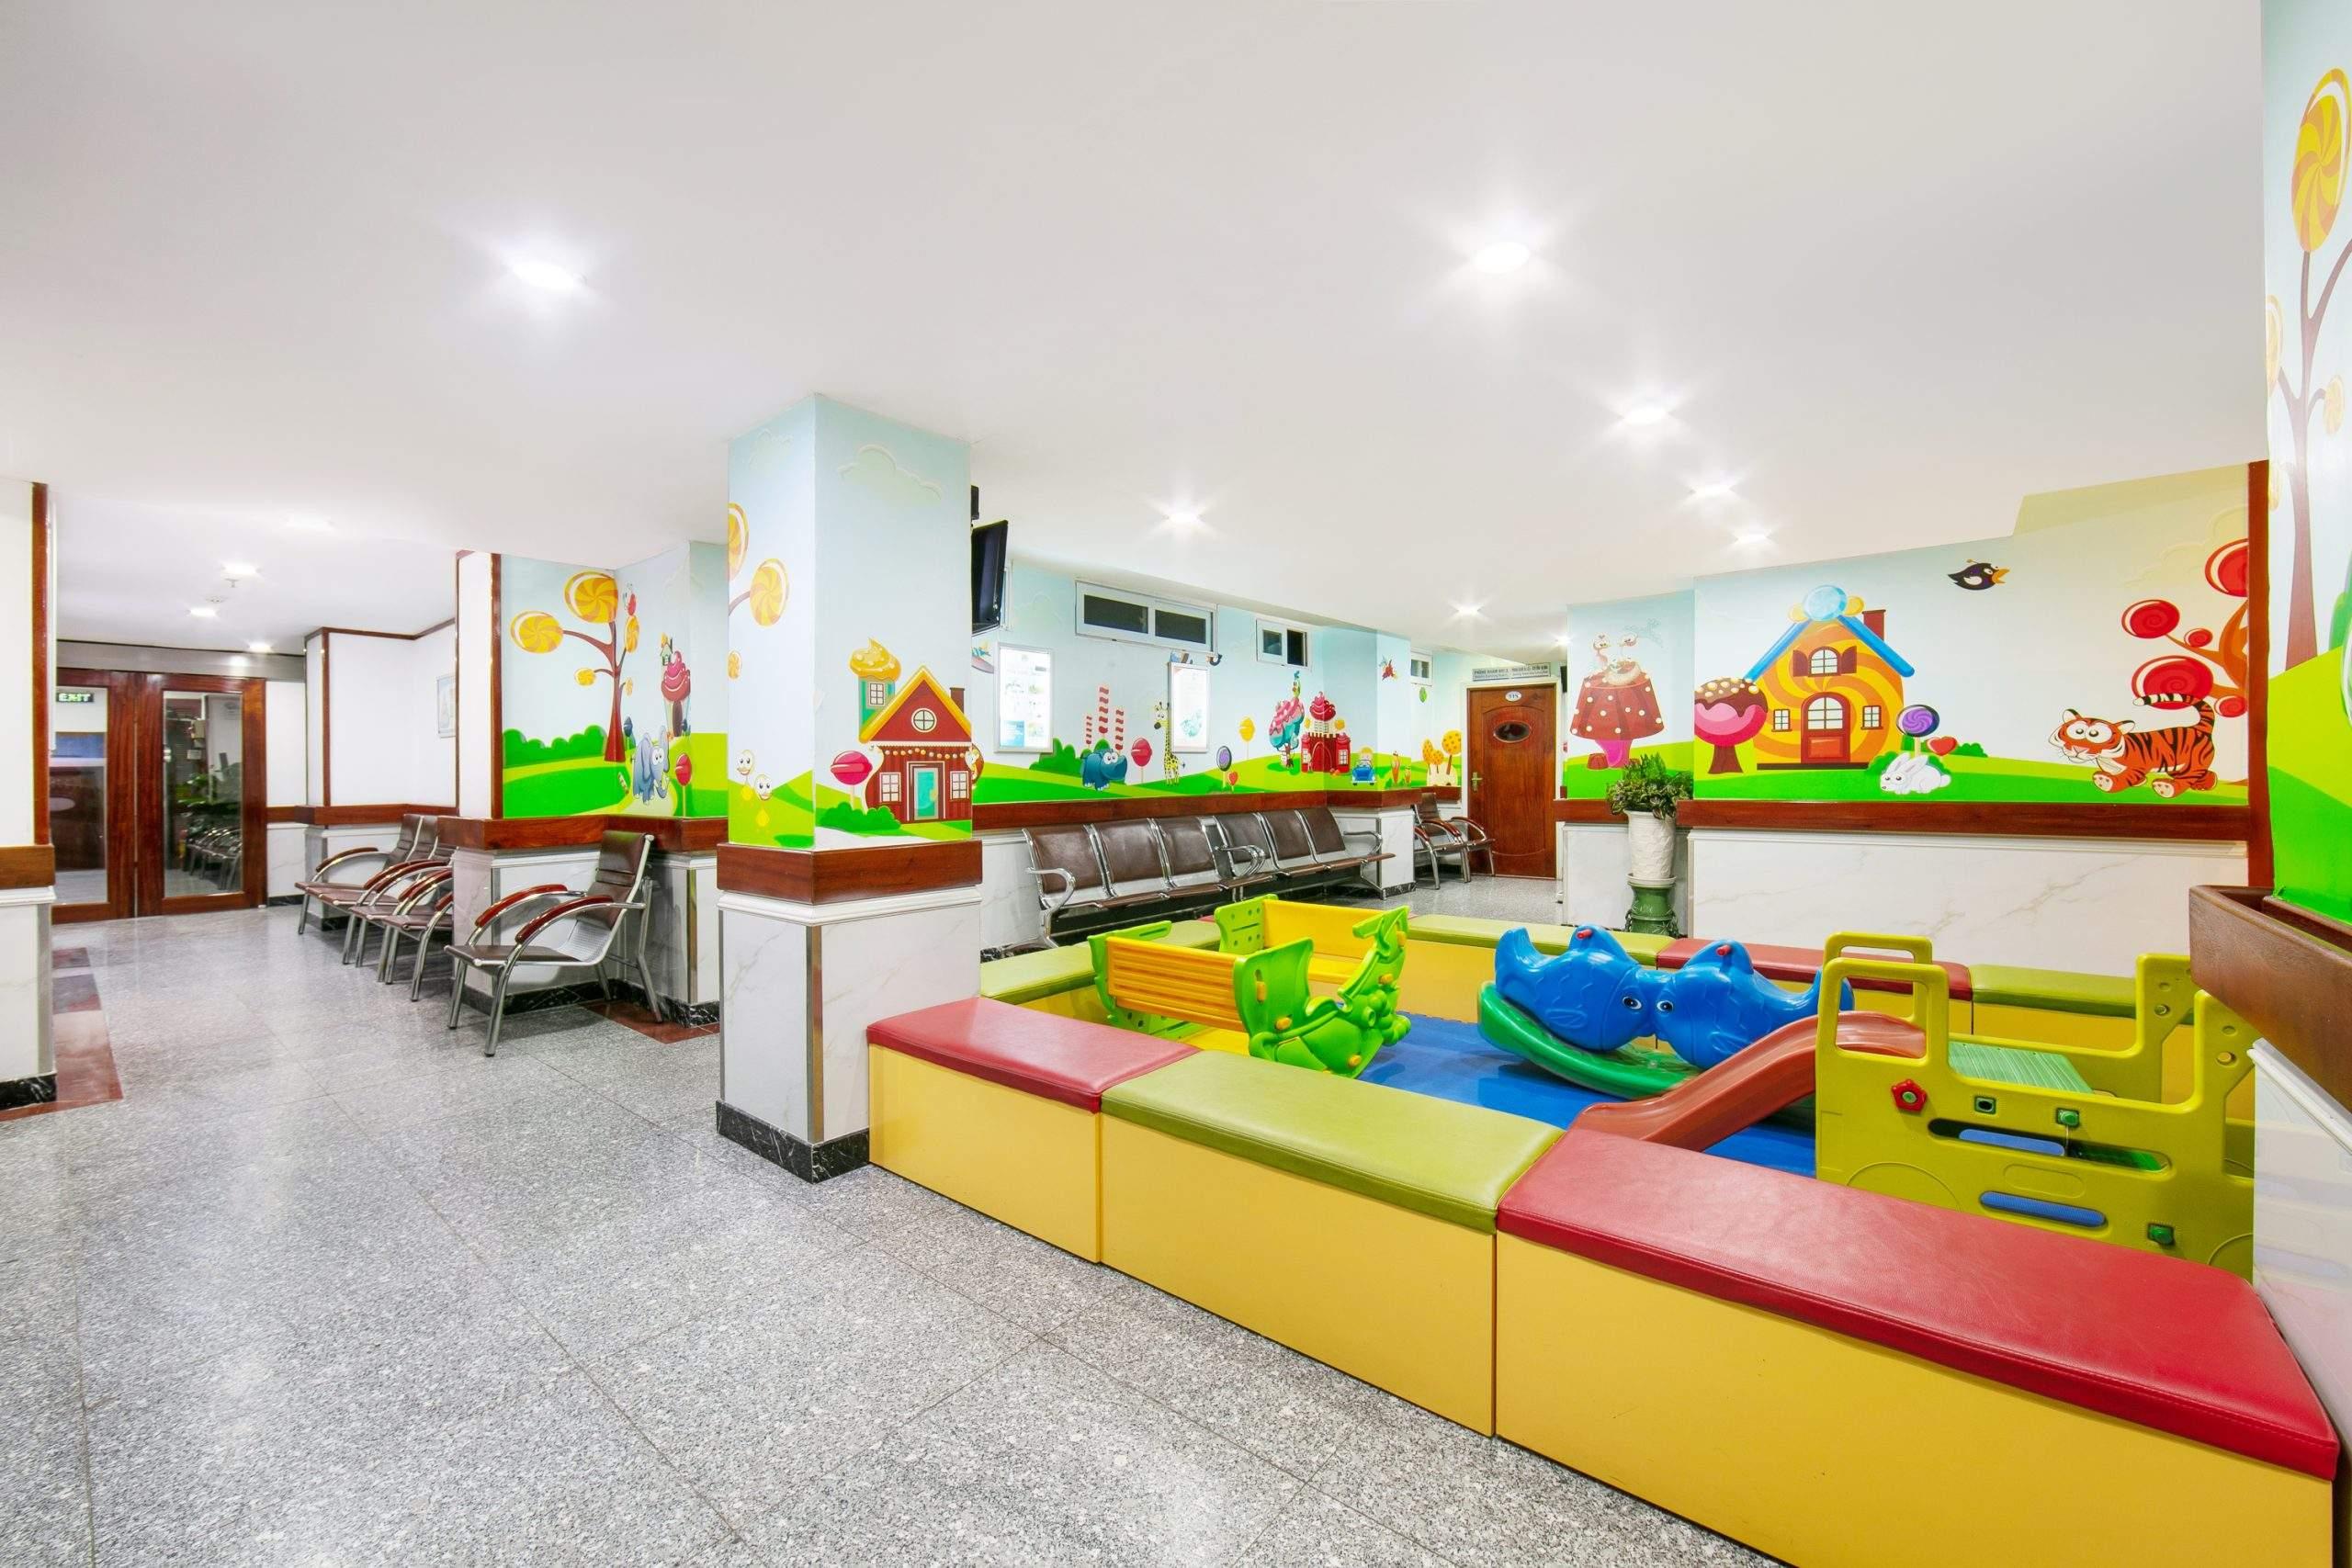 Khu vui chơi cho trẻ em của bệnh viện Hồng Ngọc